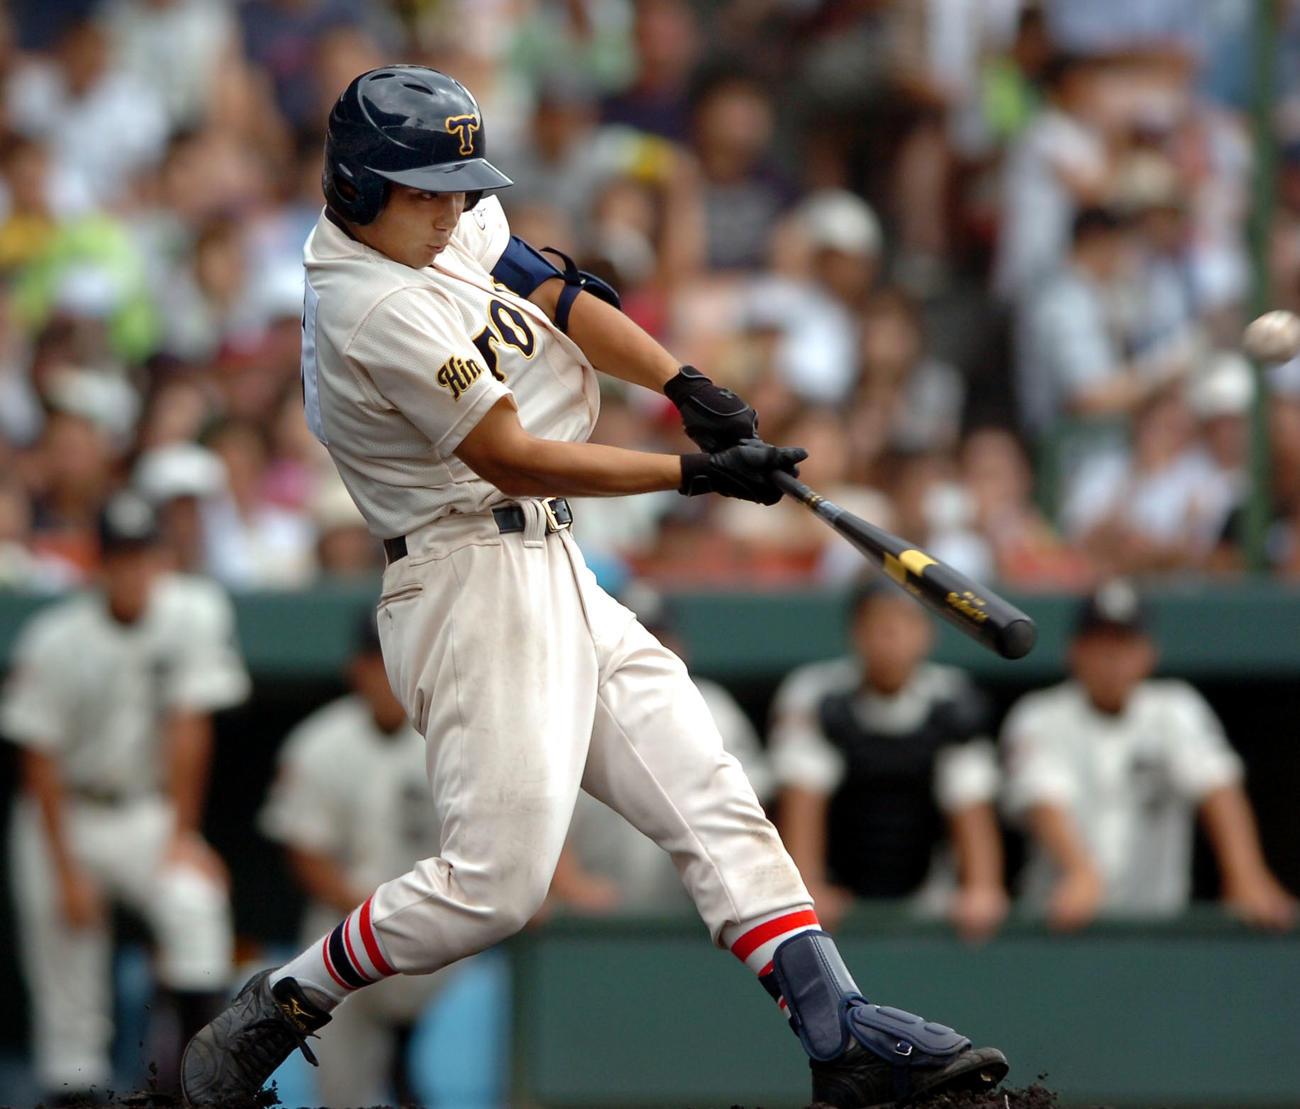 06年8月、駒大苫小牧戦で東洋大姫路・林崎遼は左越え先制2点本塁打を放つ